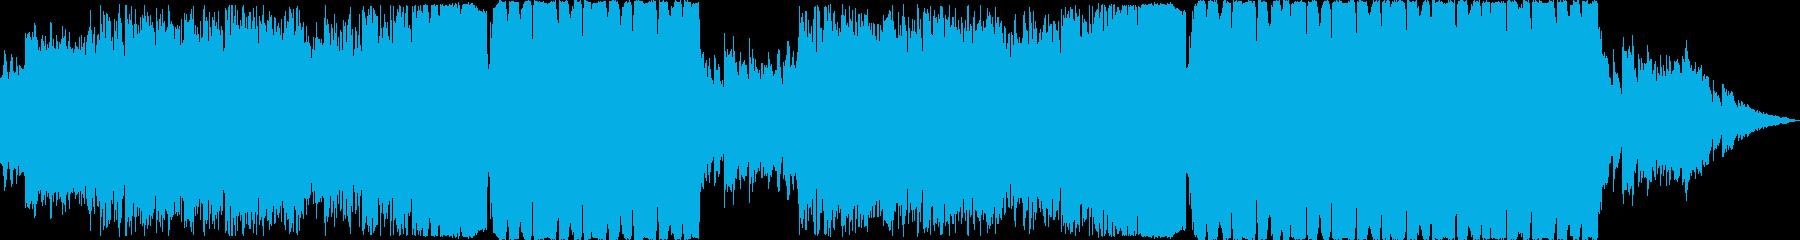 爽やかで幻想的なEDMの再生済みの波形